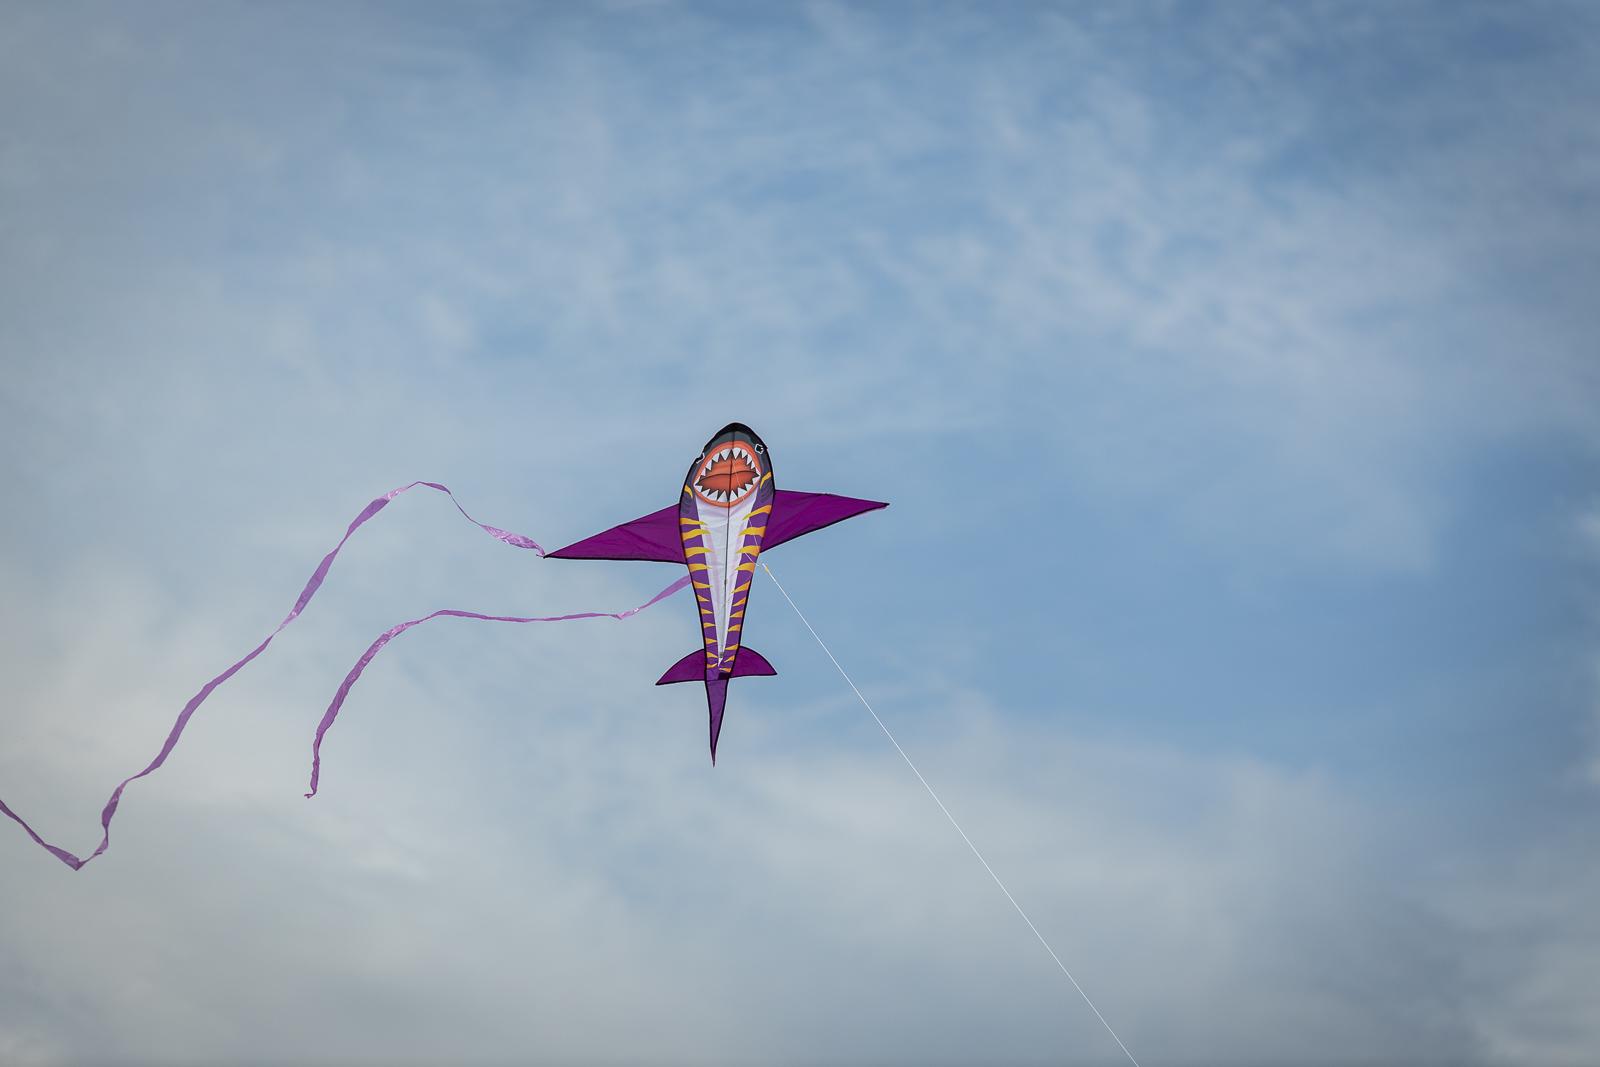 kite-festival-2019-blog-54.jpg